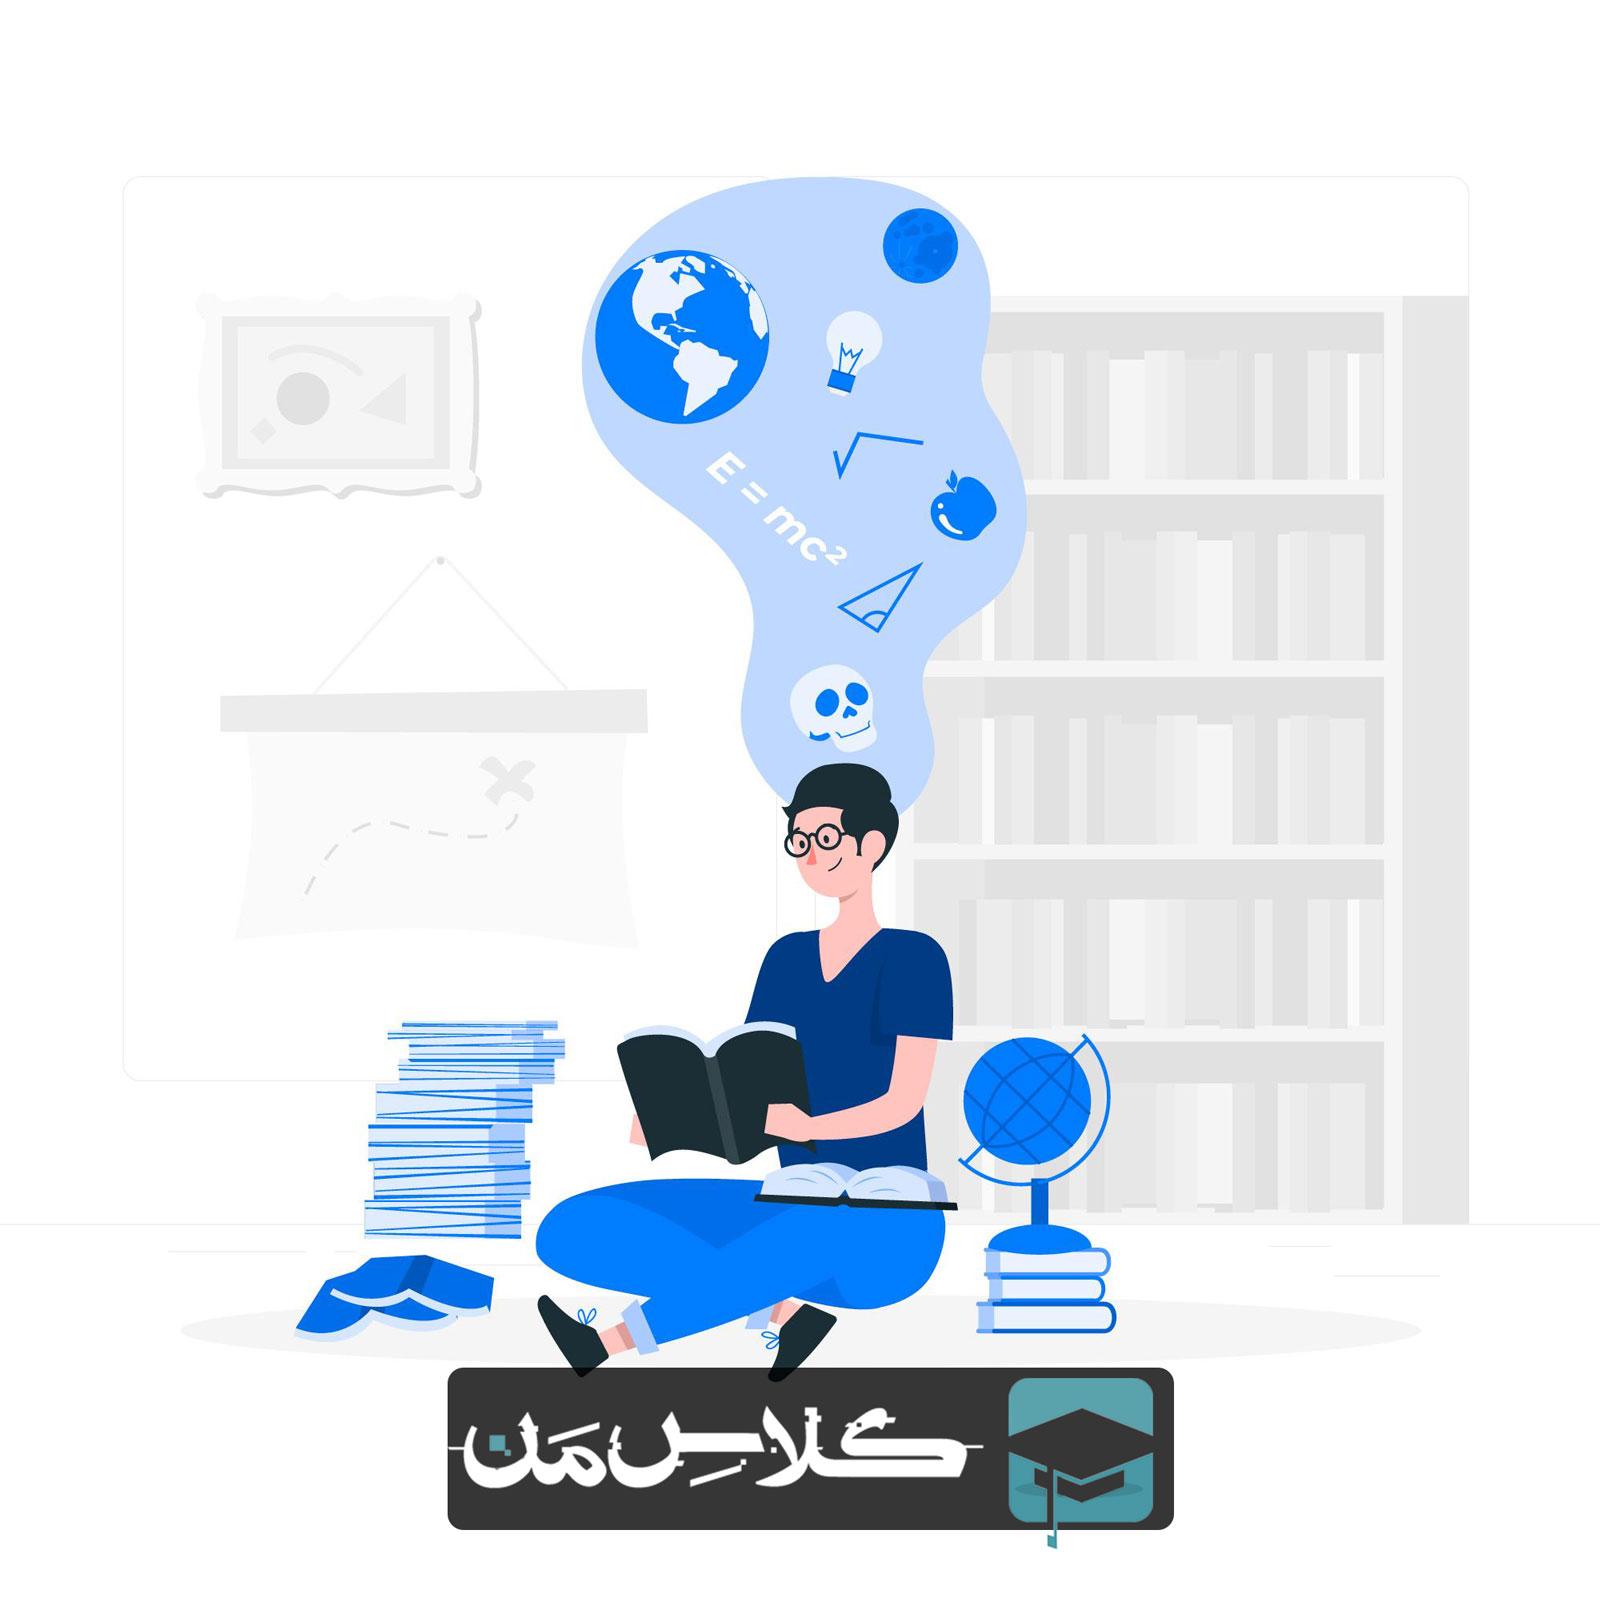 چگونه مطالعه کنیم؟ | بهترین روش مطالعه (شرایط مطالعه با کیفیت)